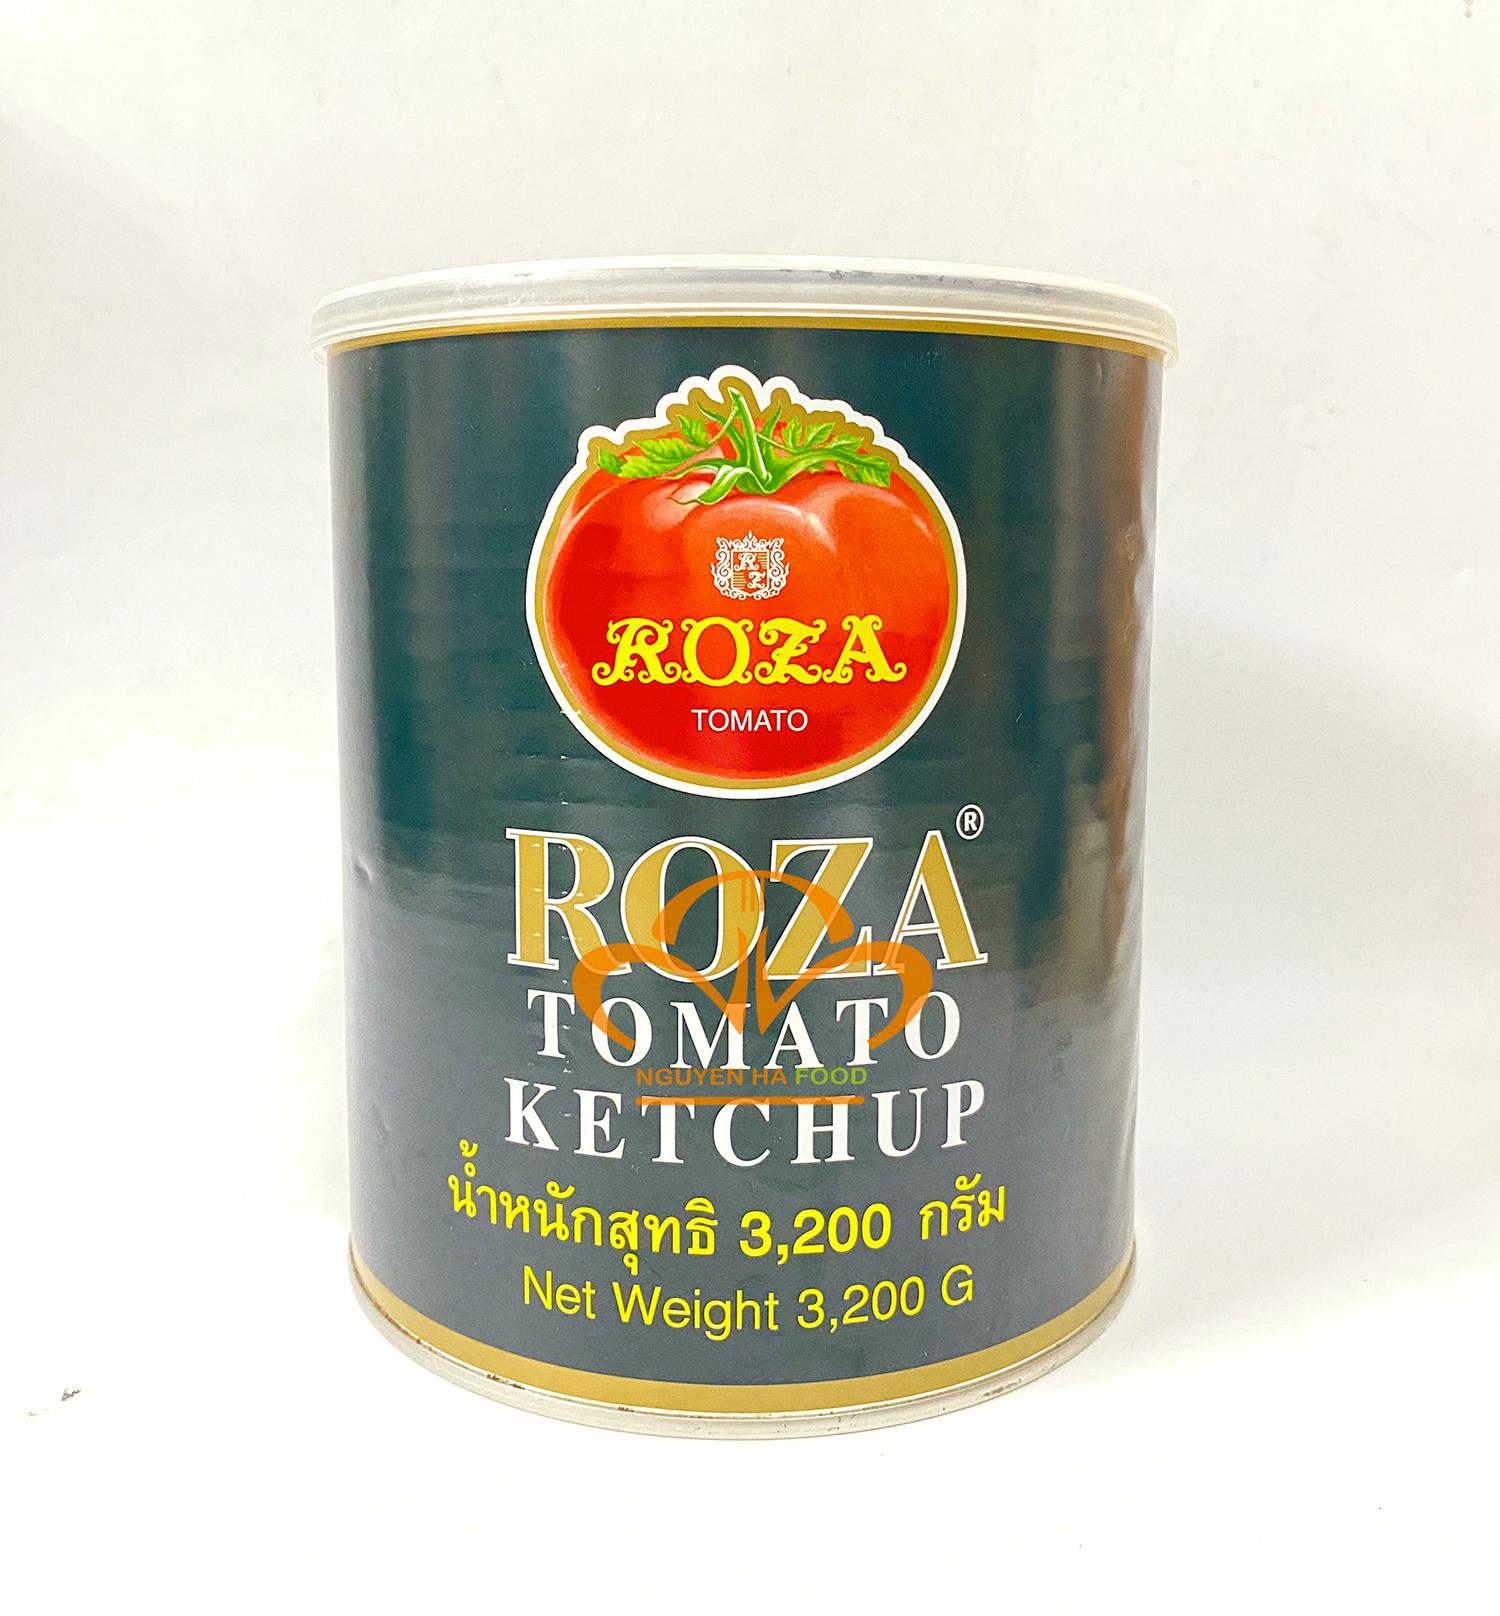 TUONG CA ROZA - TOMATO KETCHUP - NGUYEN HA FOOD (1)